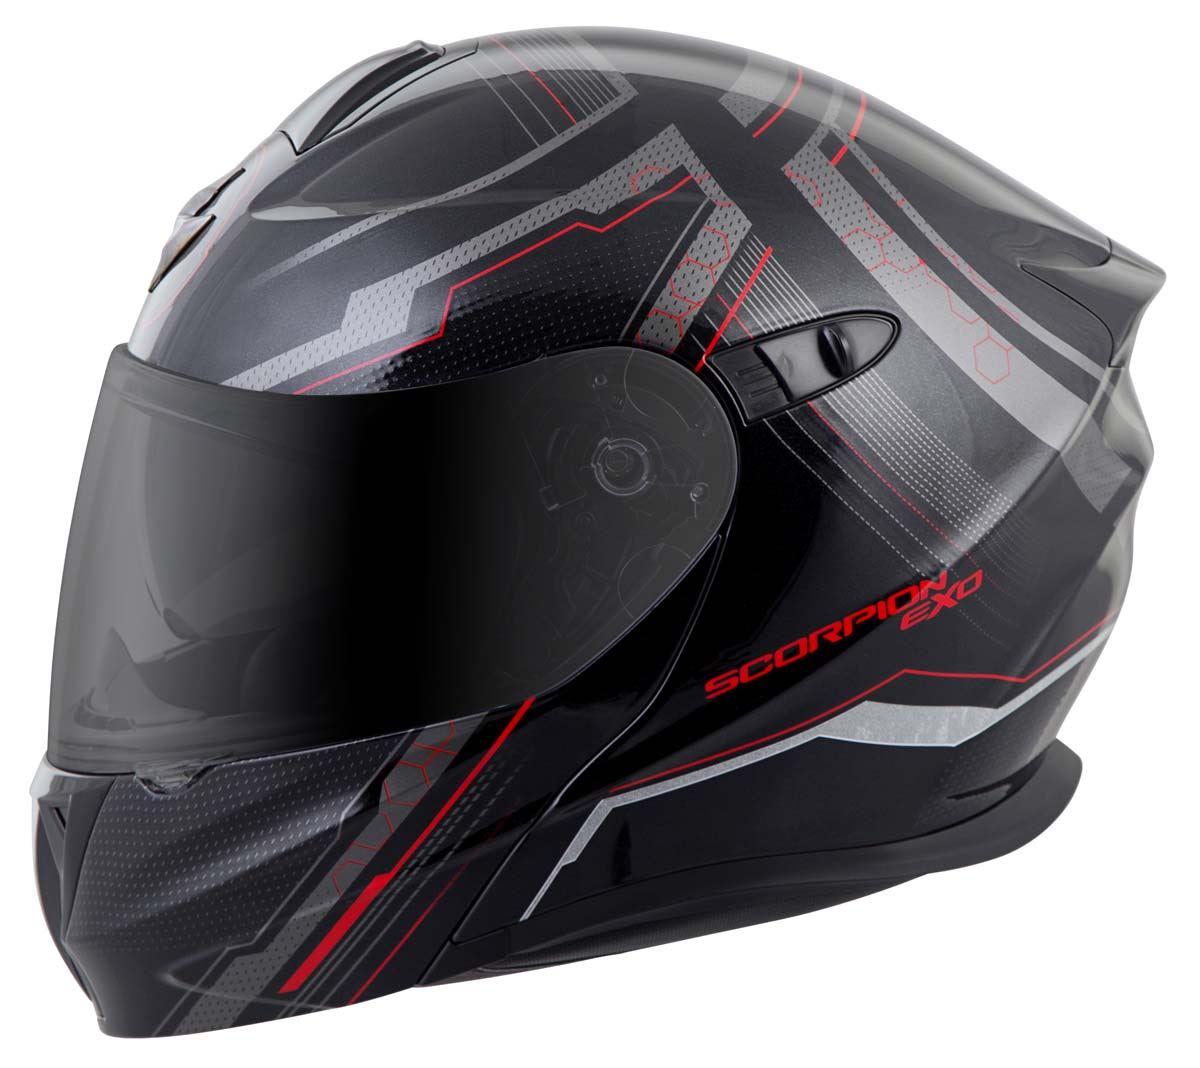 Scorpion-EXO-GT920-Helmet-Sport-Touring-Modular-Flip-Up-DOT-Approved-XS-3XL miniature 23